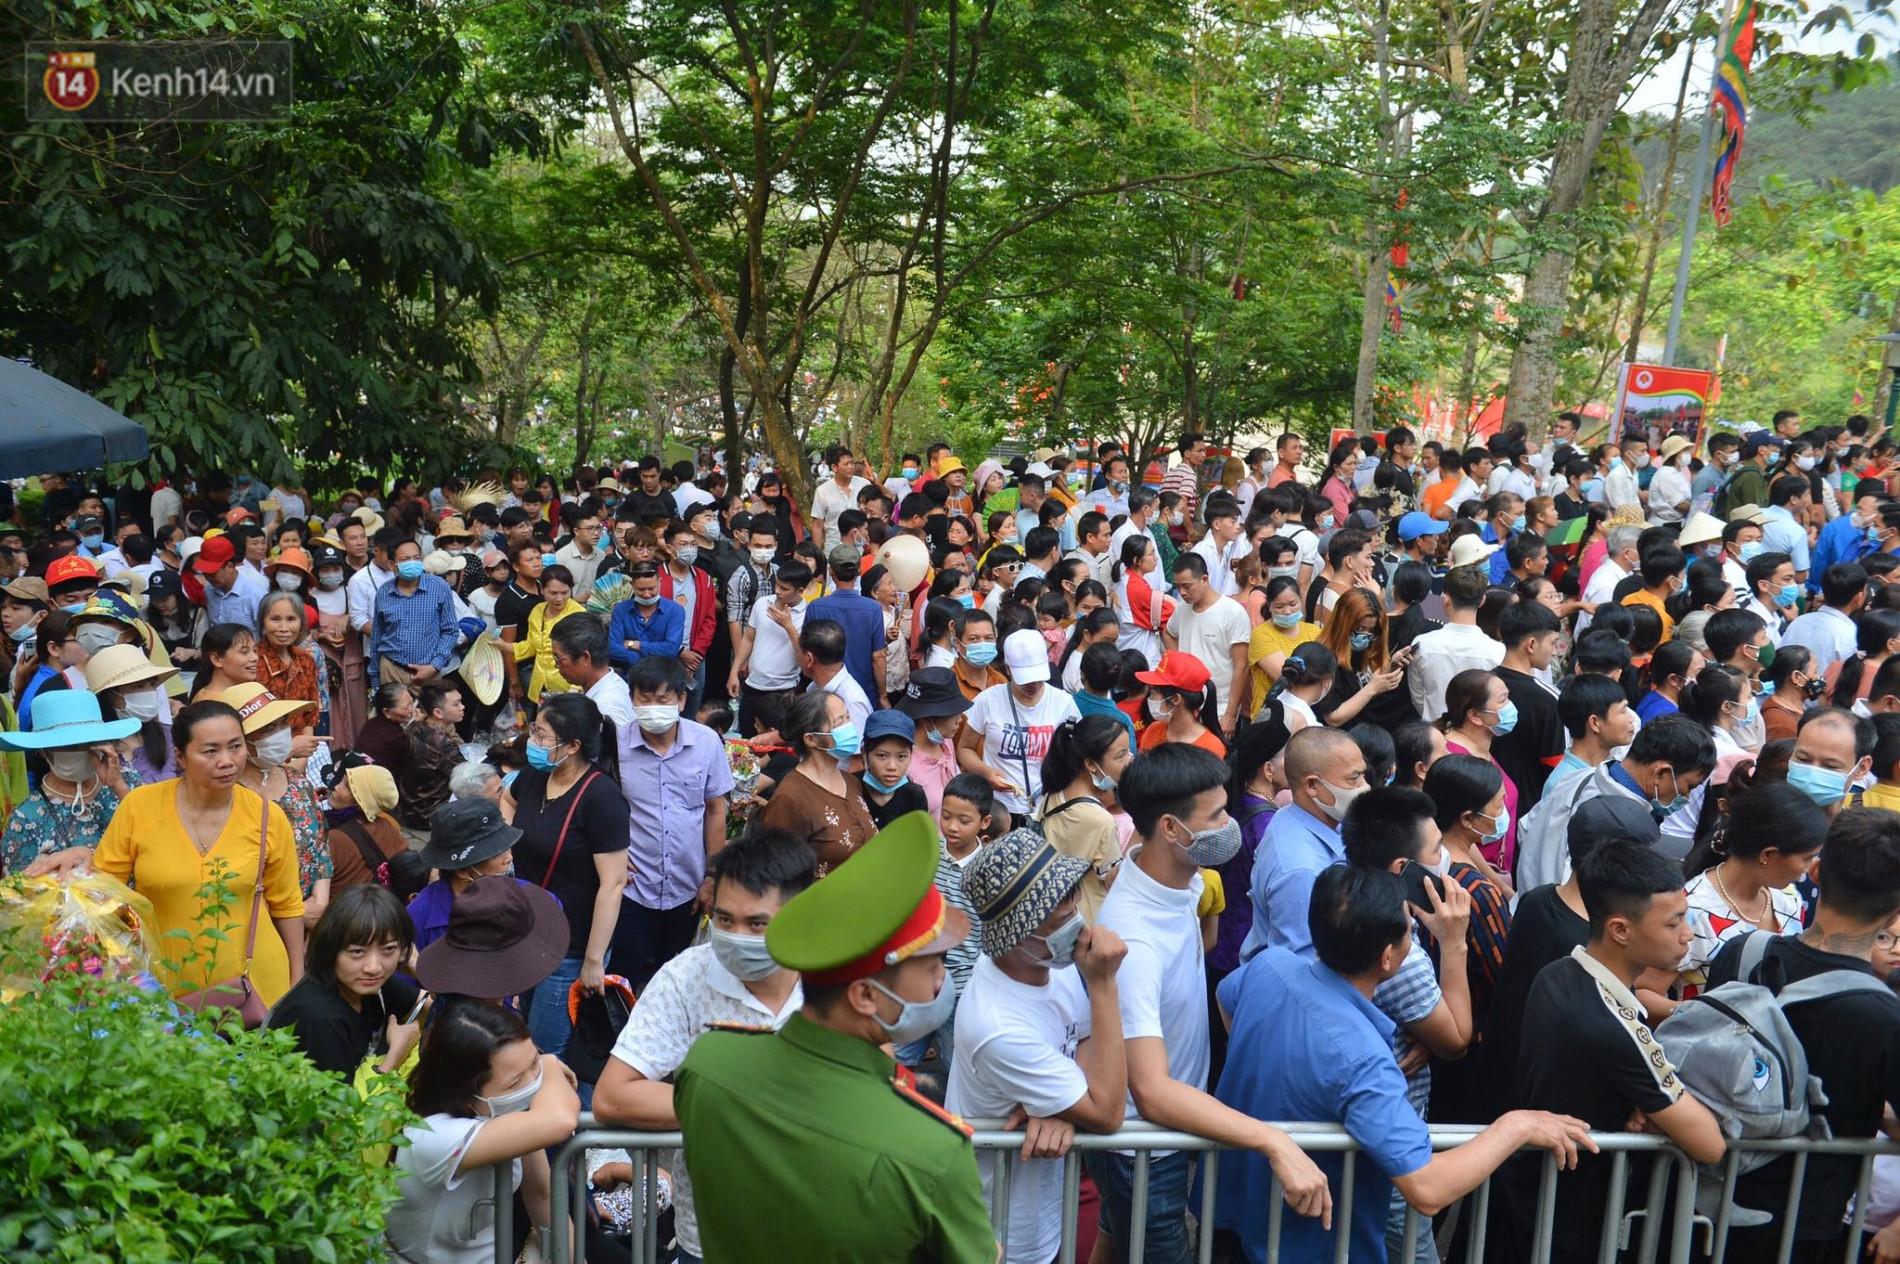 Ảnh: Chen lấn kinh hoàng tại lễ hội đền Hùng - Ảnh 2.